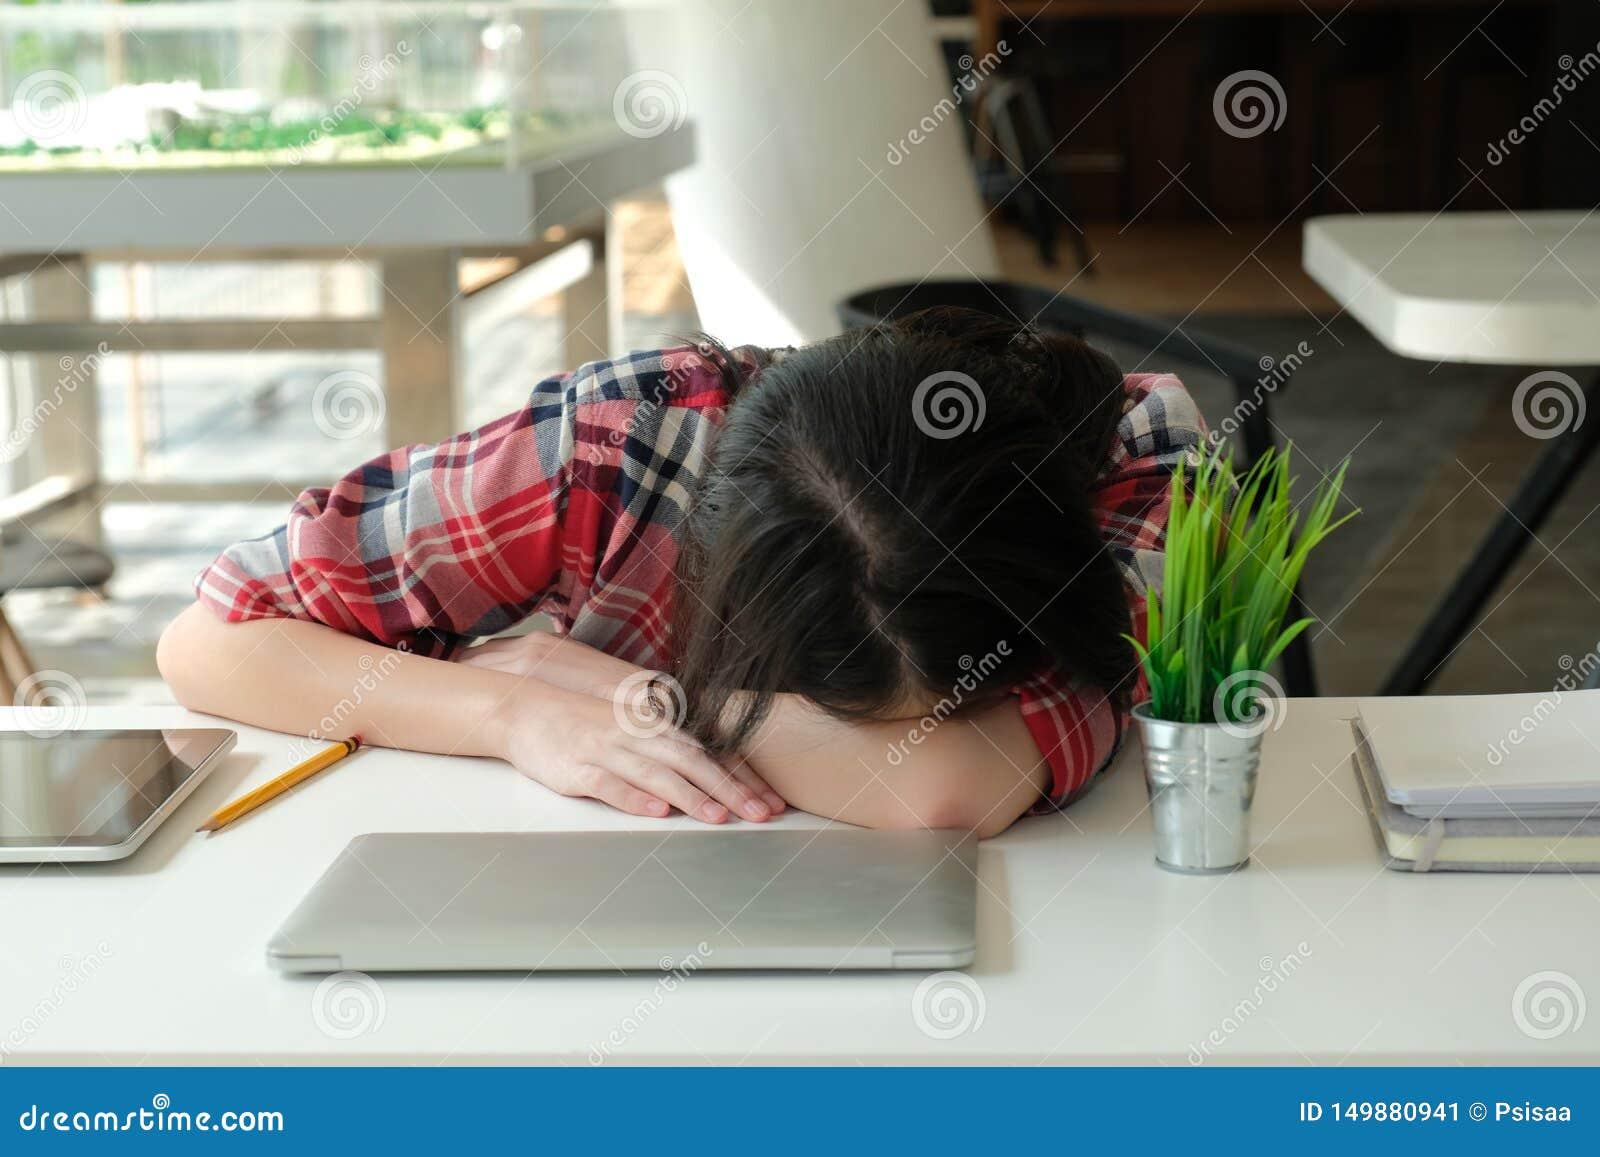 Фото уставших от работы девушек девушка на работе рассказы